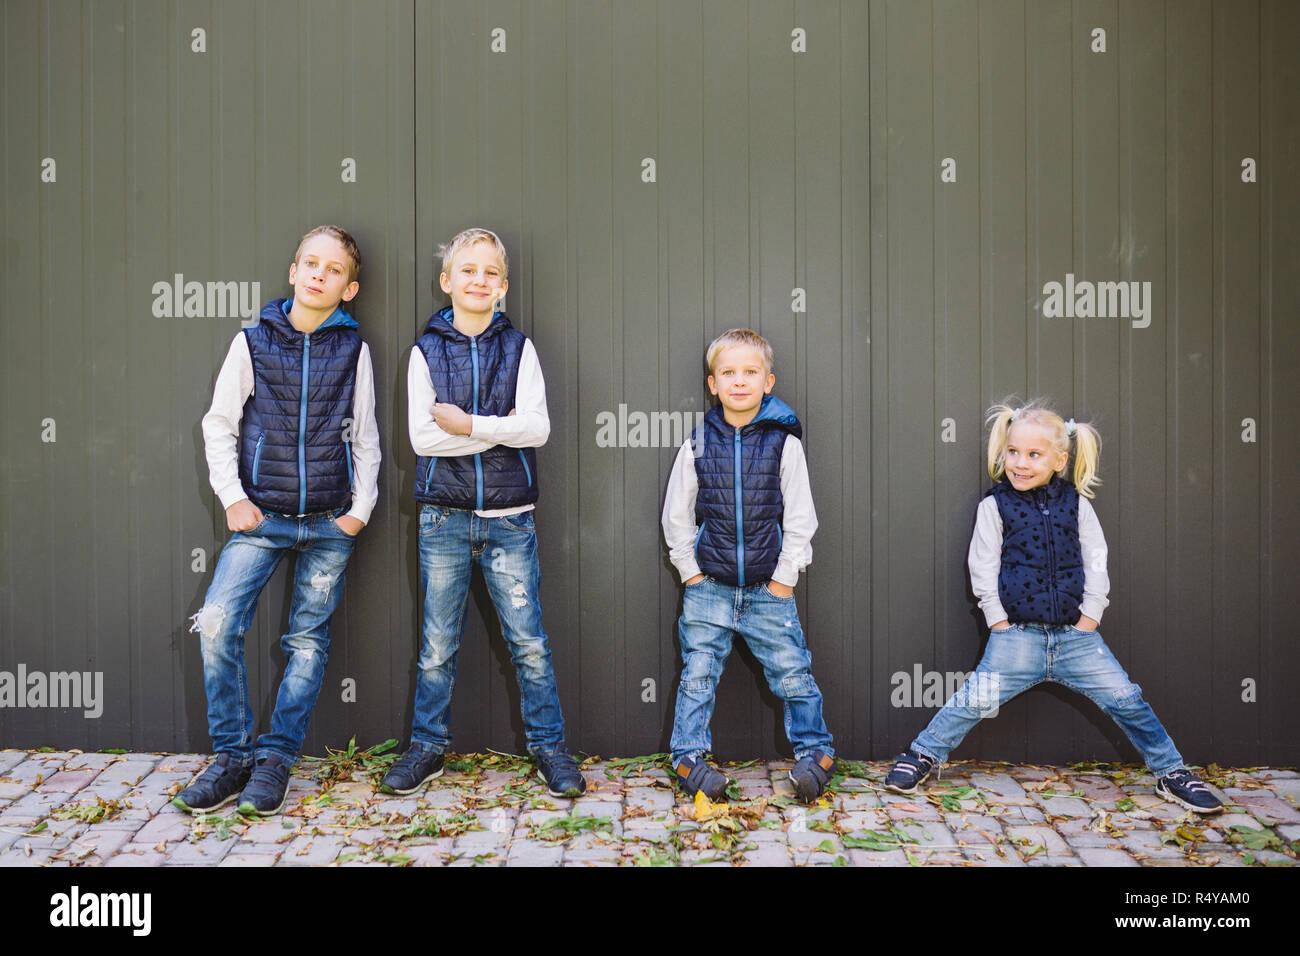 Funny Portrait grande famille de trois frères et sœur posant debout sur fond de croissance de mur en pleine croissance. Tout aussi élégamment vêtus de gilets et bleu jeans. Thème fille en cercle masculin Banque D'Images